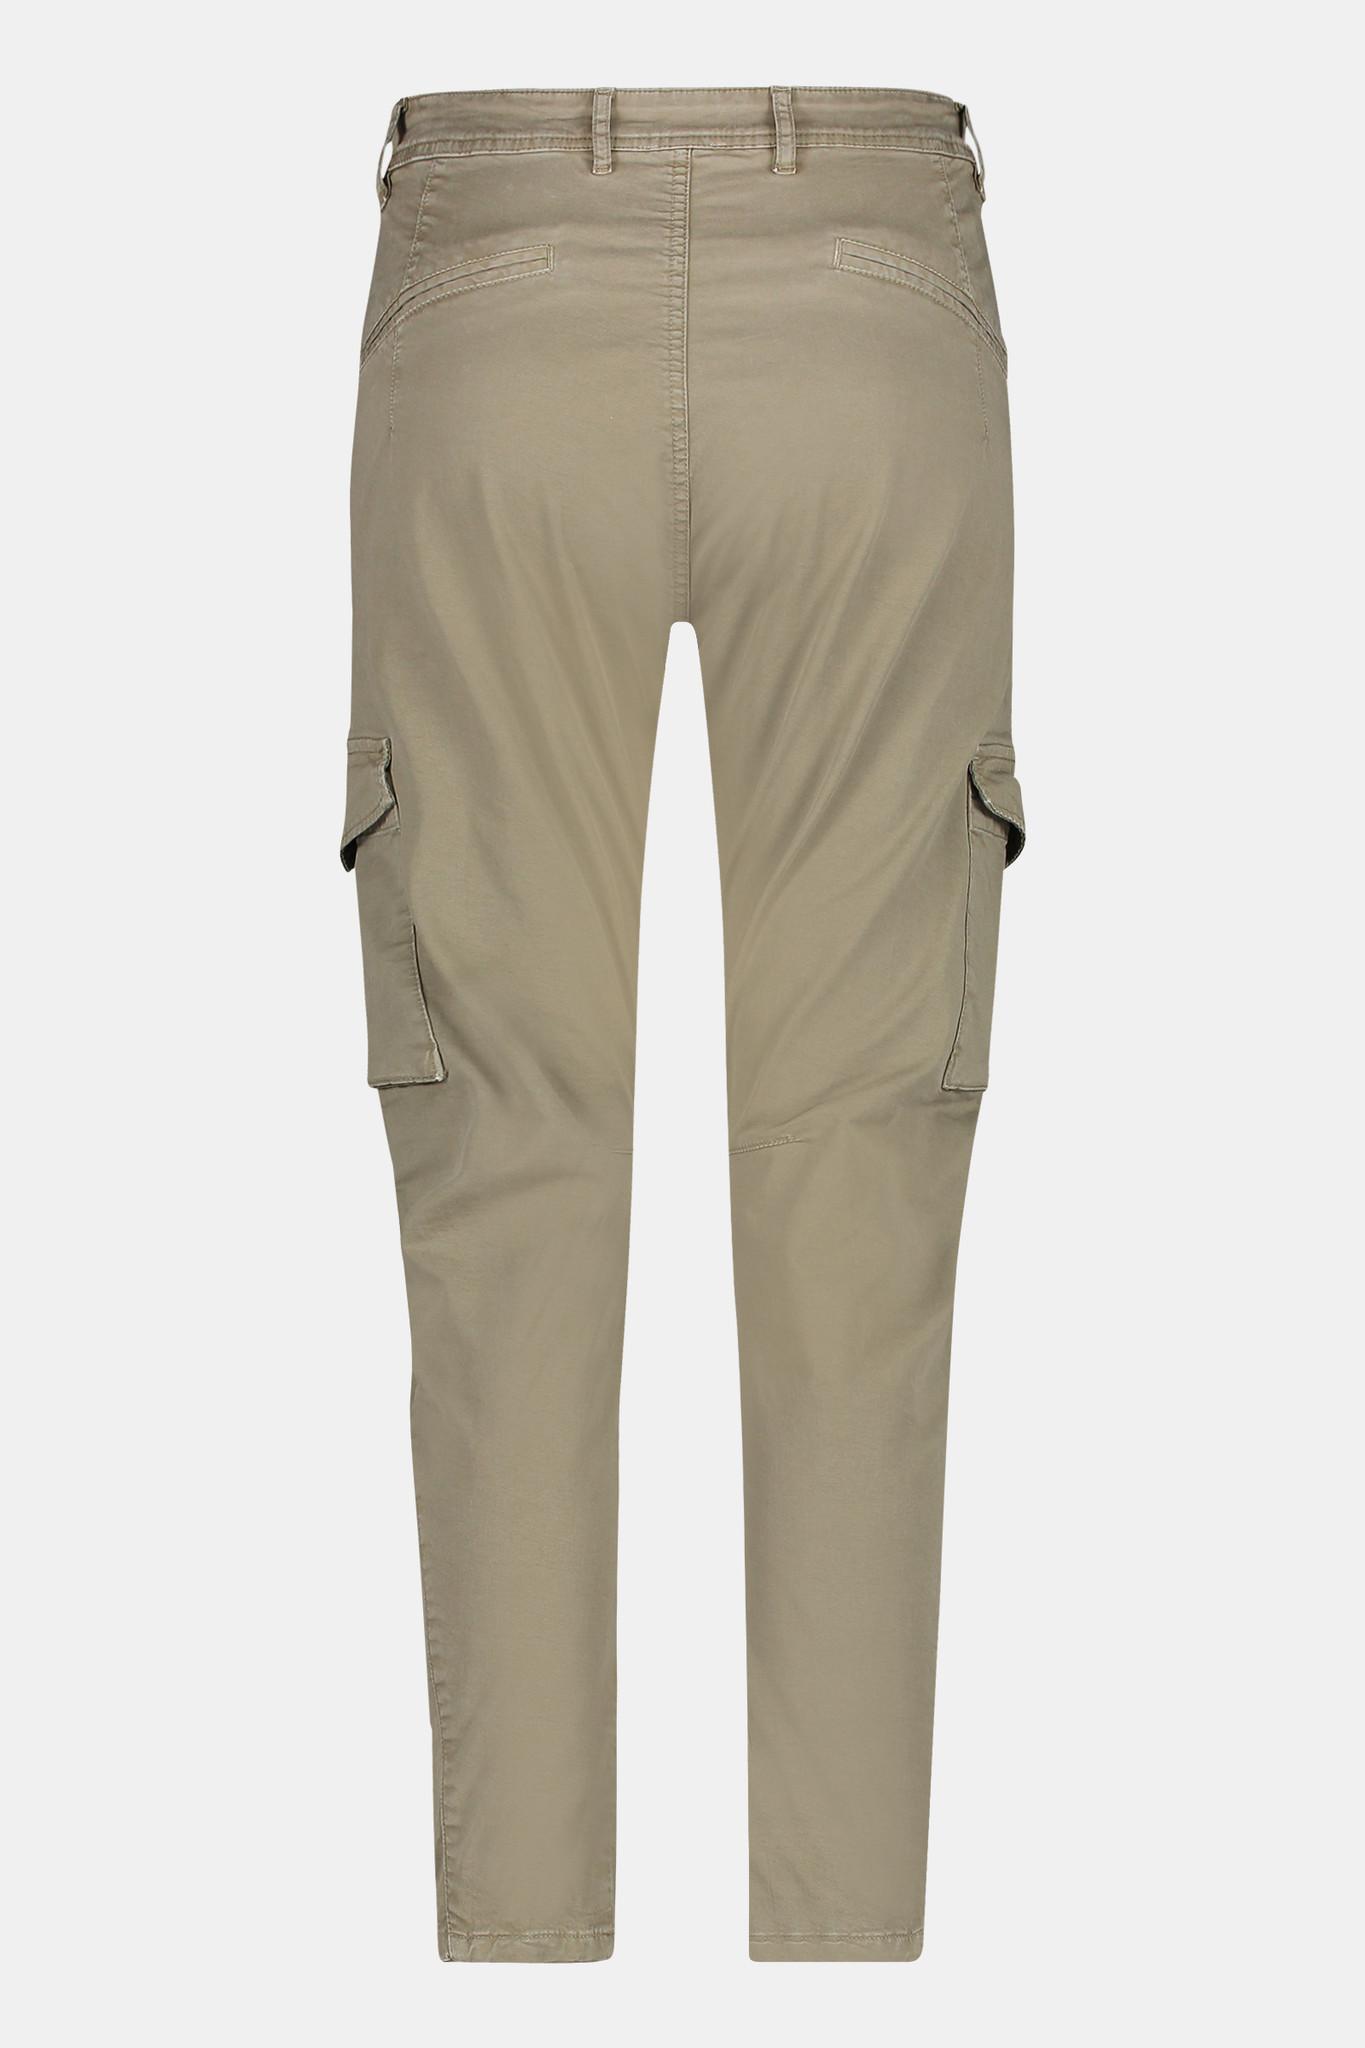 Penn & Ink Pants W21W391-809-2